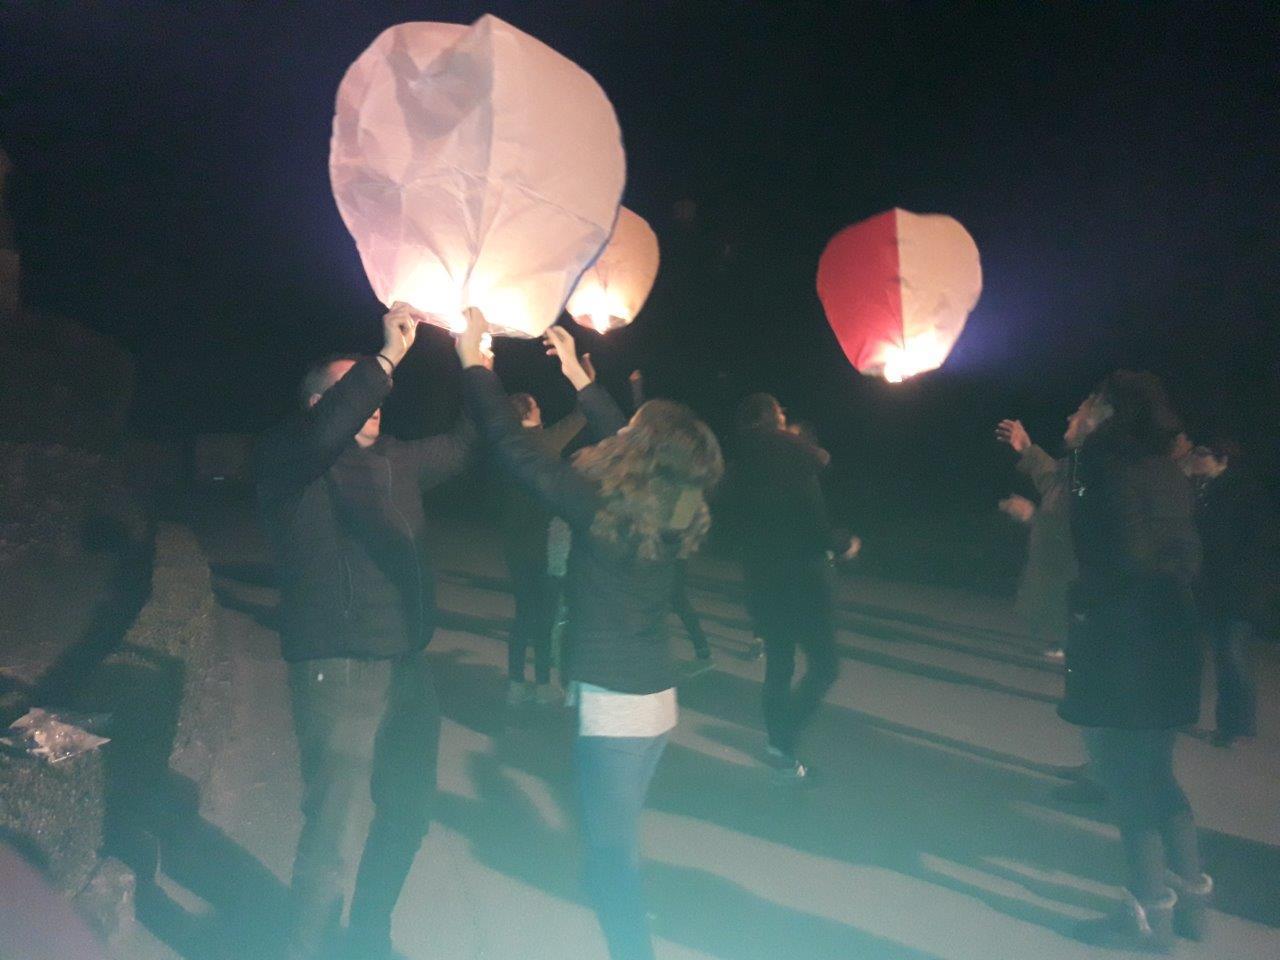 Un lâcher de lanternes a clôturé la journée du samedi 24 mars...